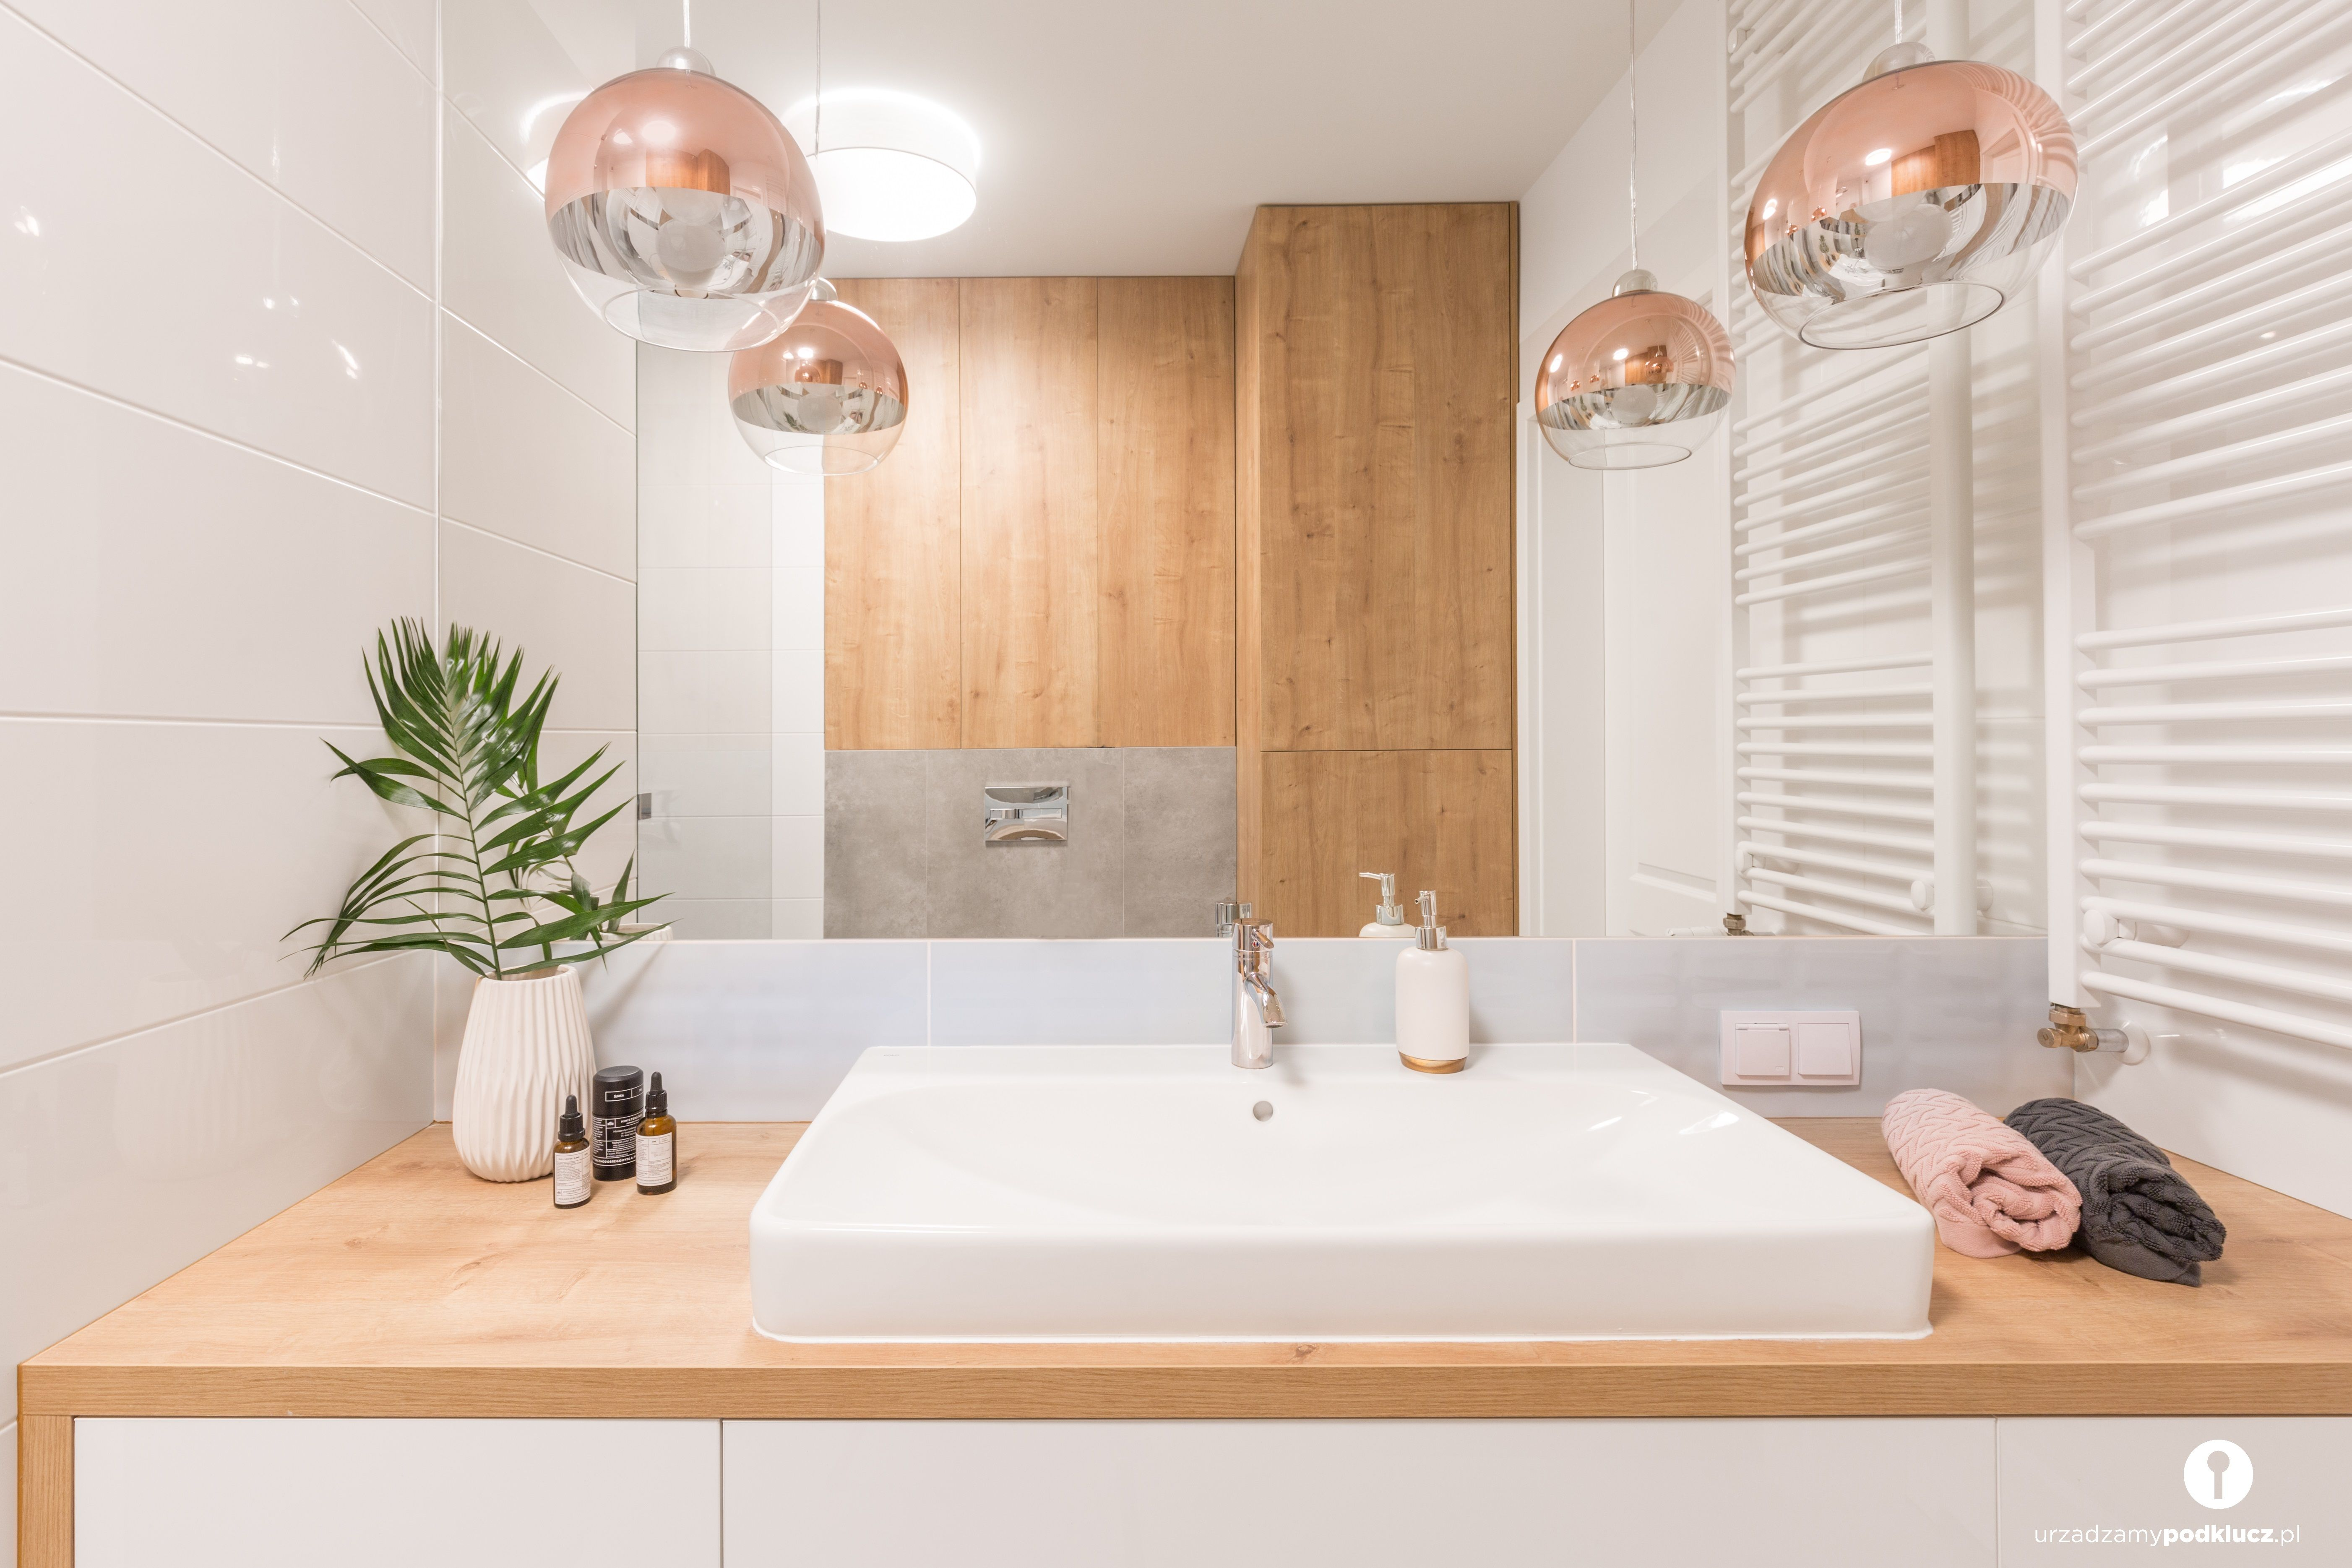 Drewniana Zabudowa łazienki Nie Tylko Ociepla Wnętrze Ale